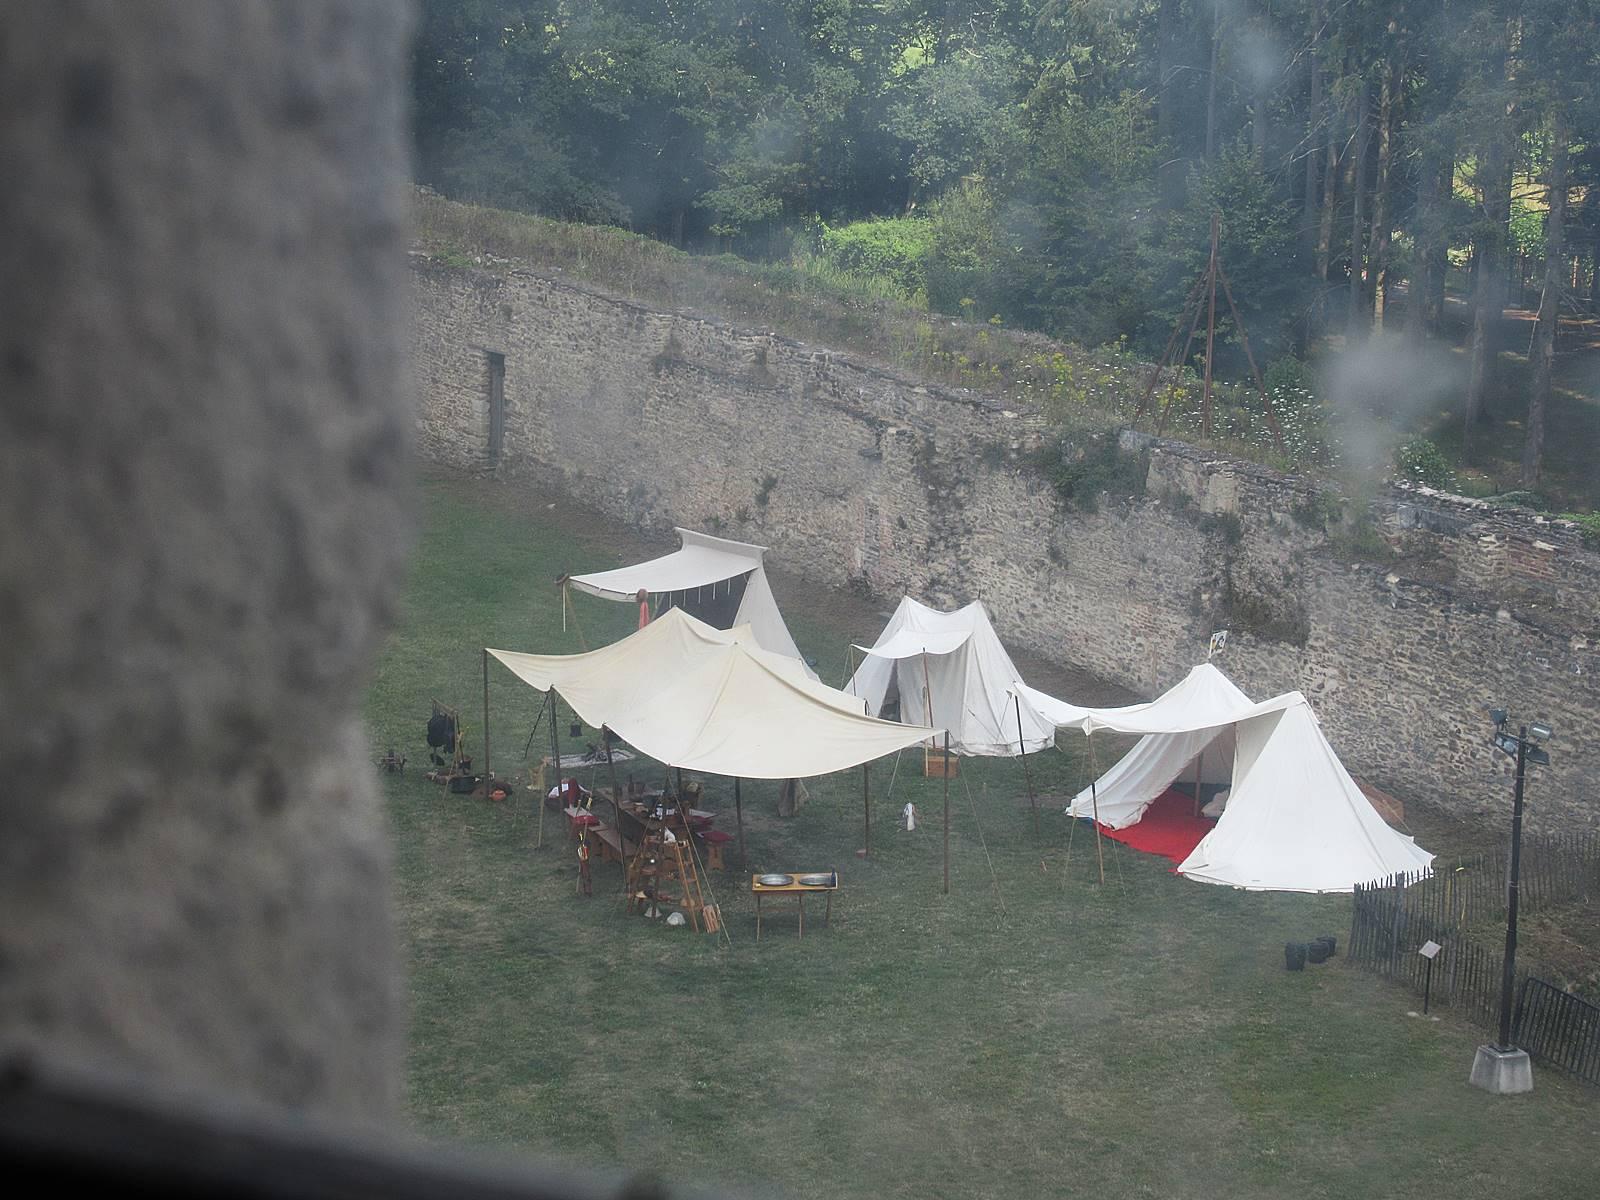 Chateau de blain 3